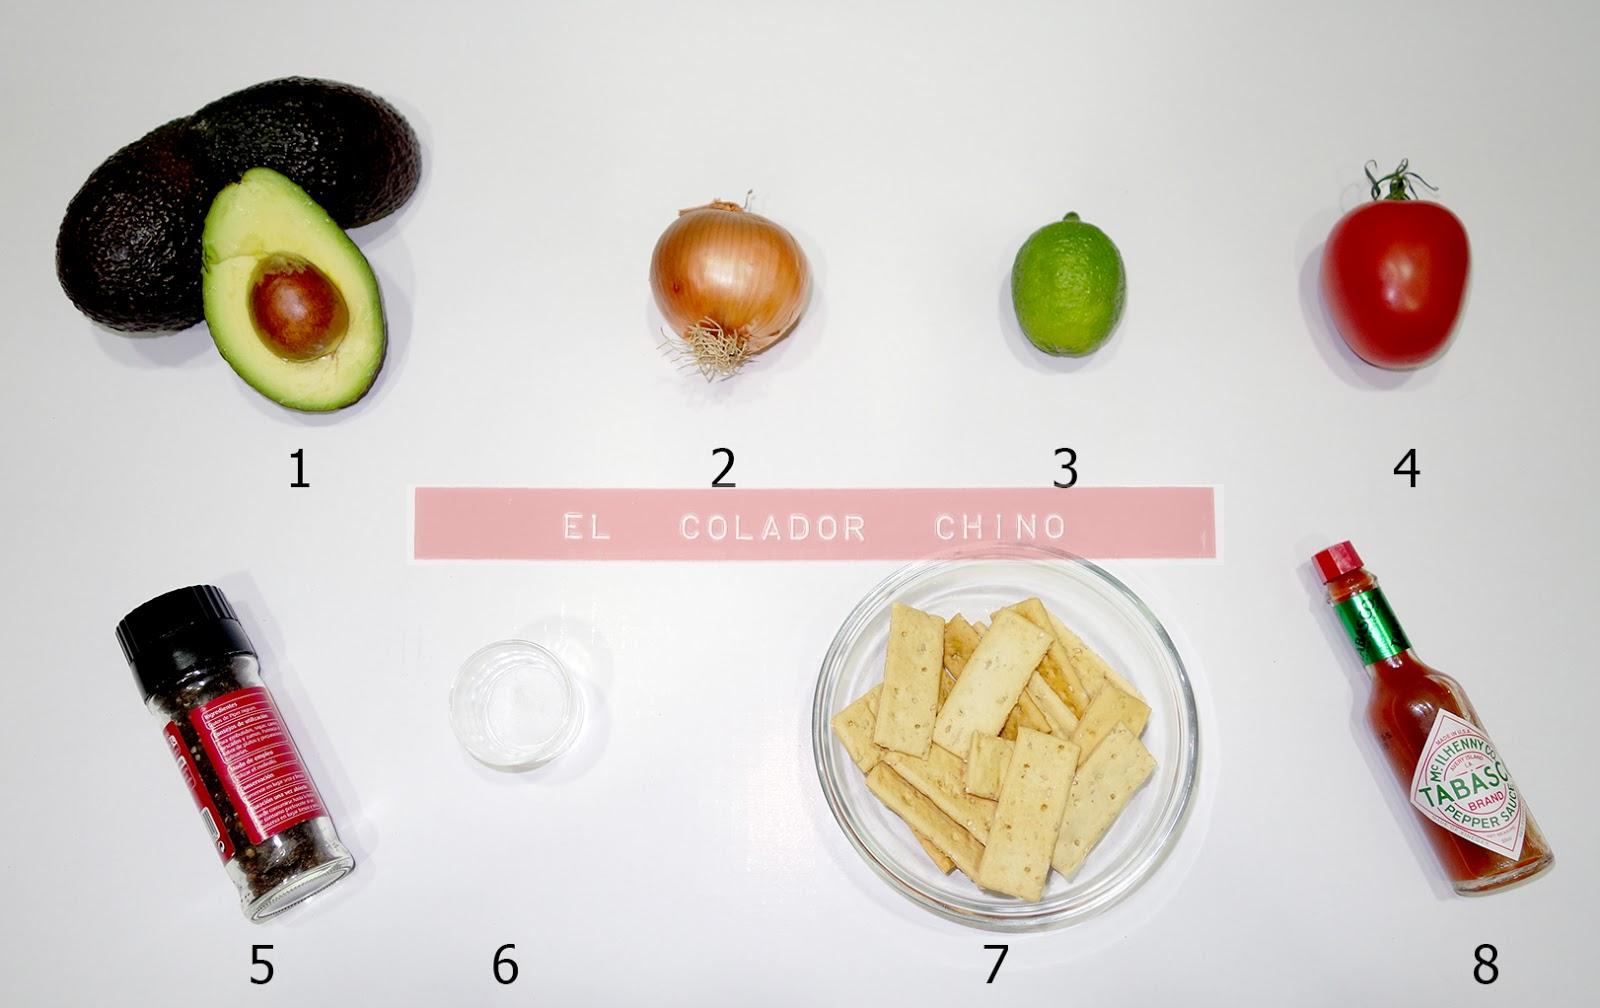 guacamole elcoladorchino